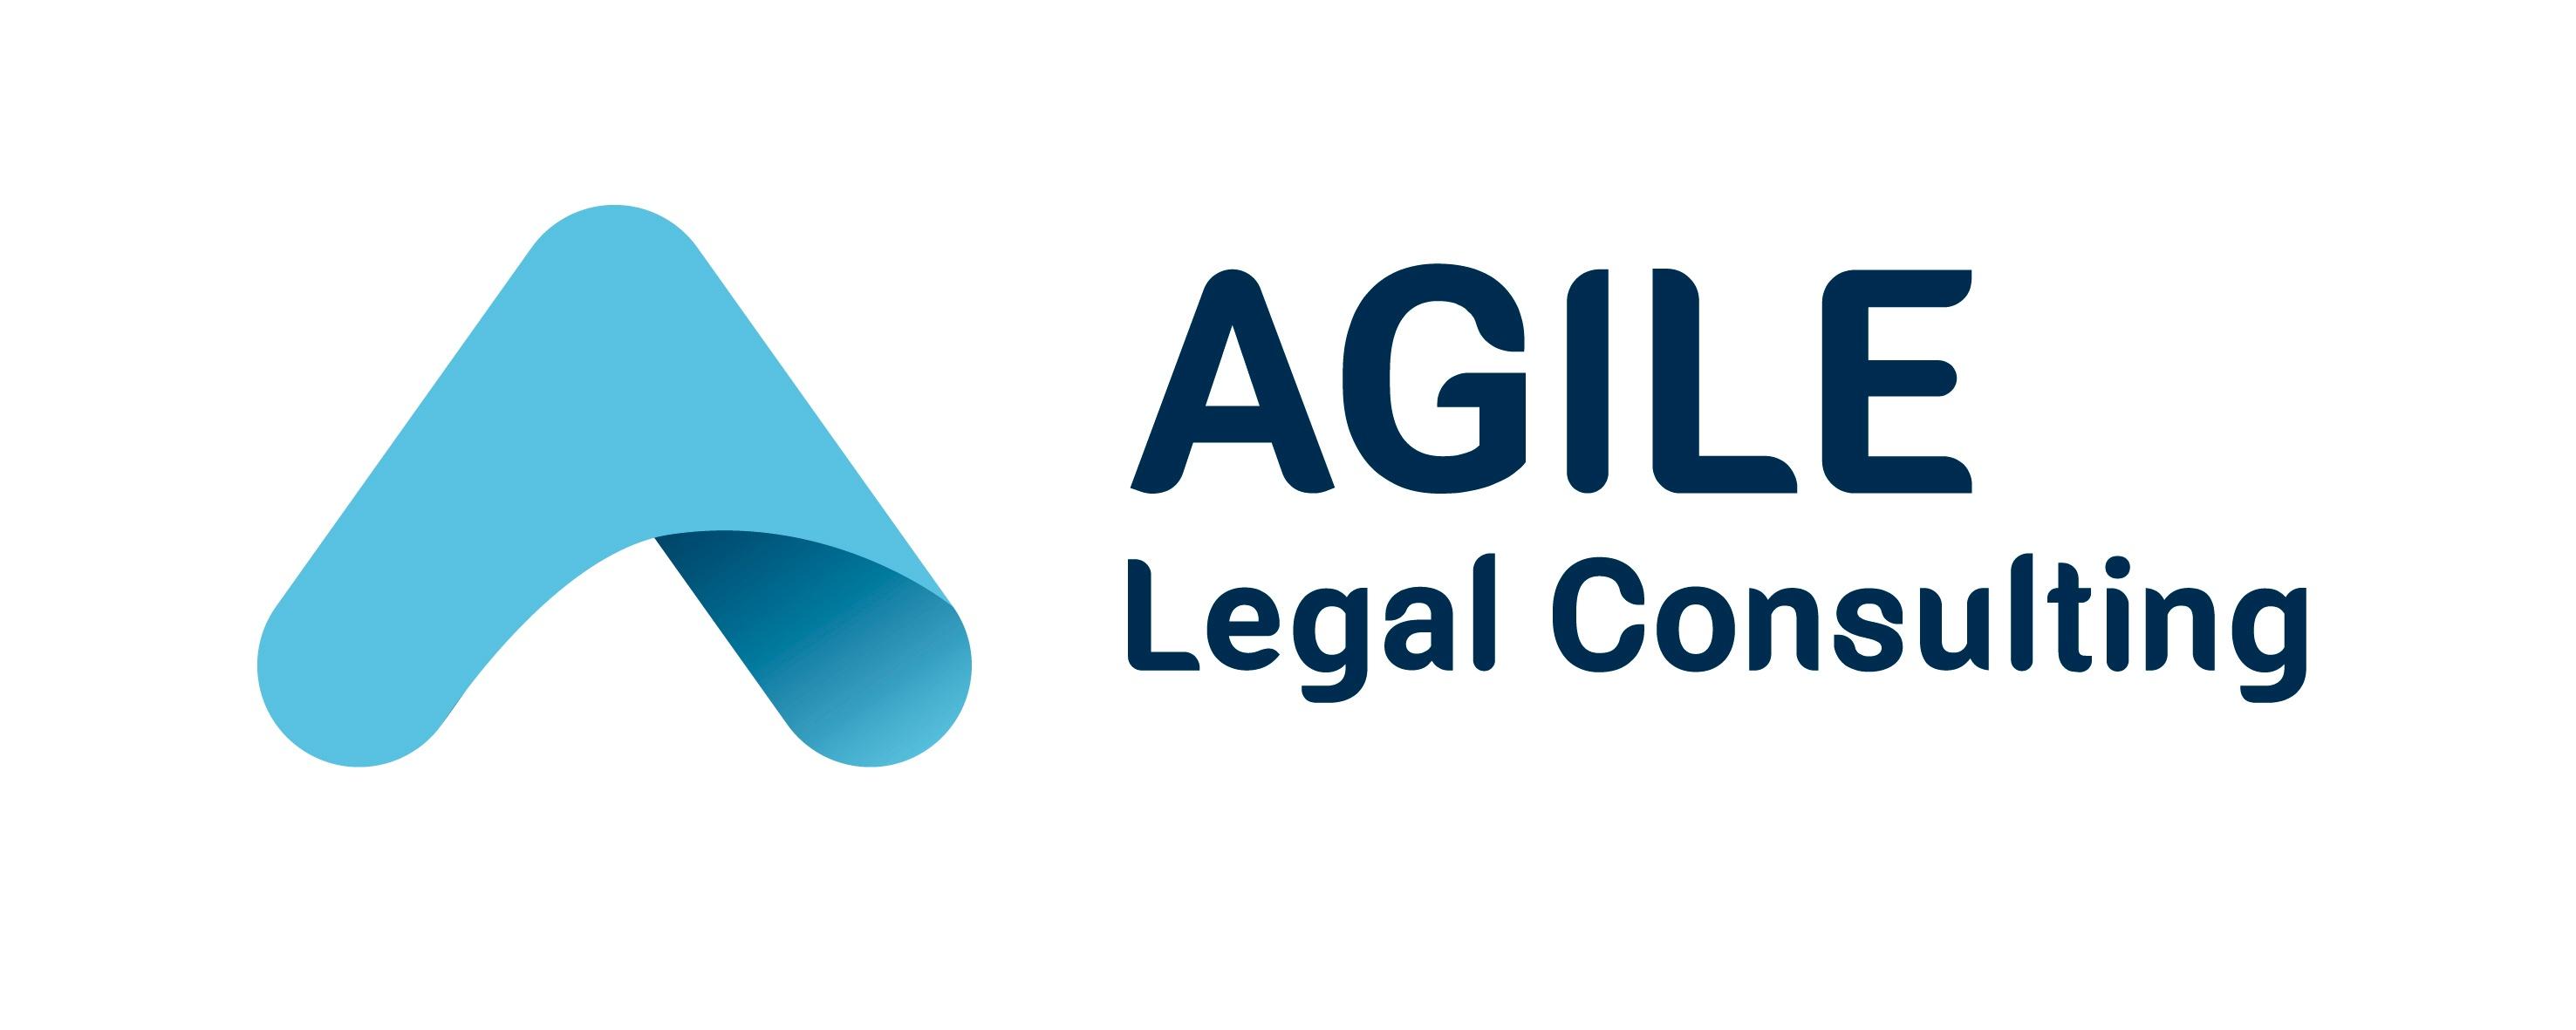 Agile Legal Consulting